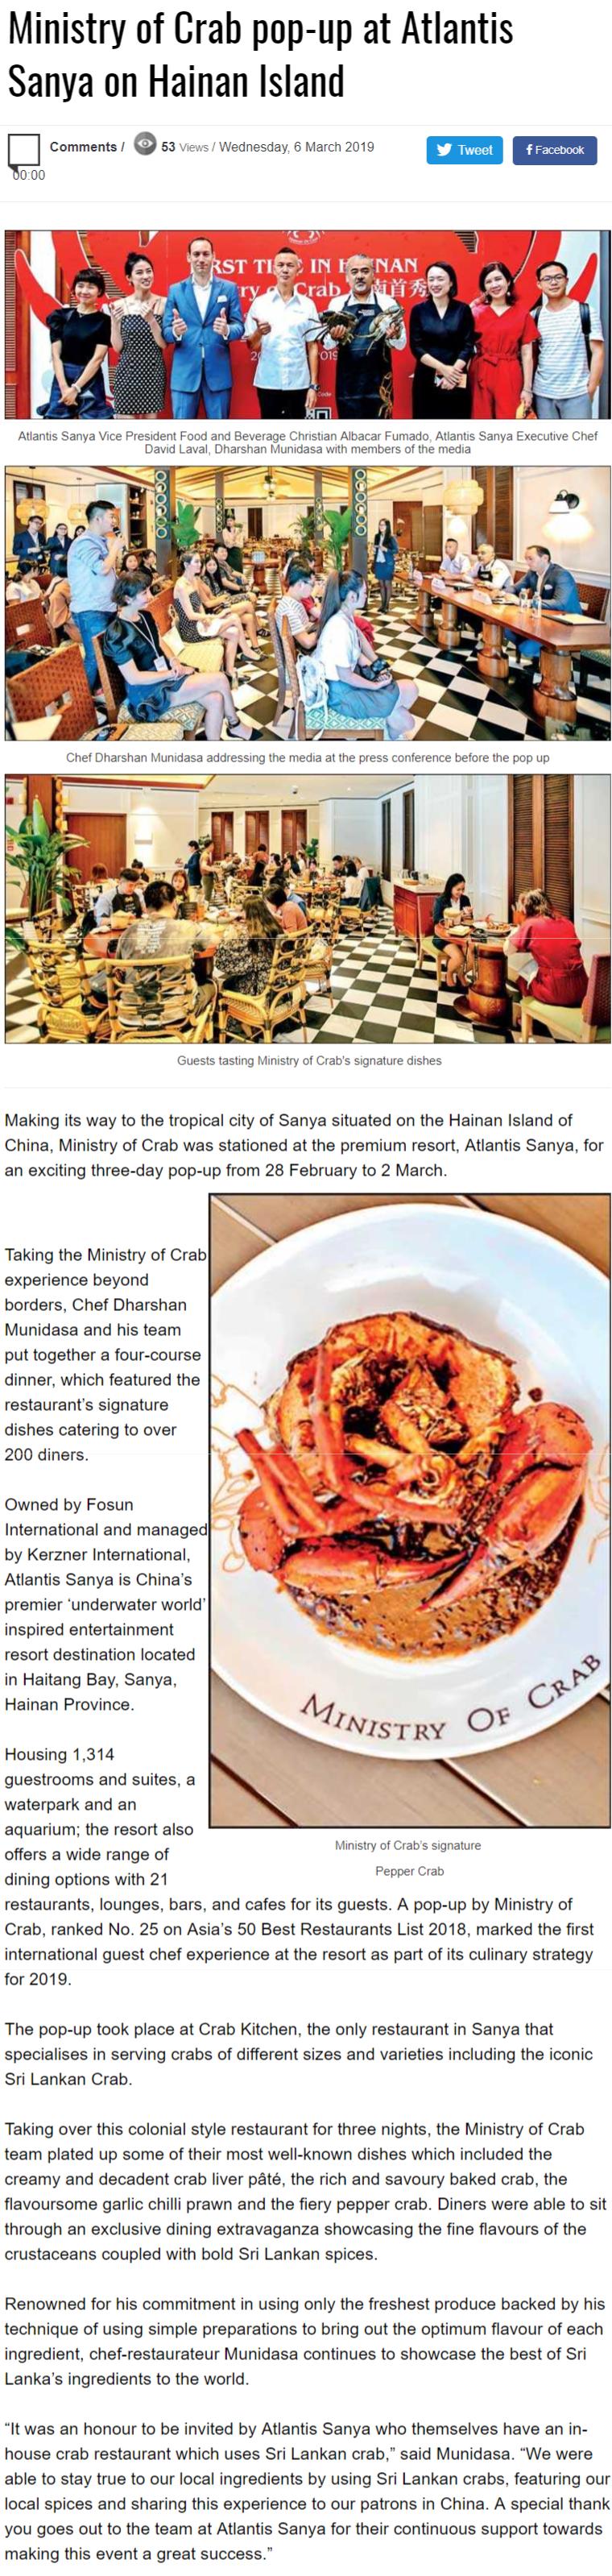 Ministry Of Crab Pop-Up At Atlantis Sanya On Hainan Island